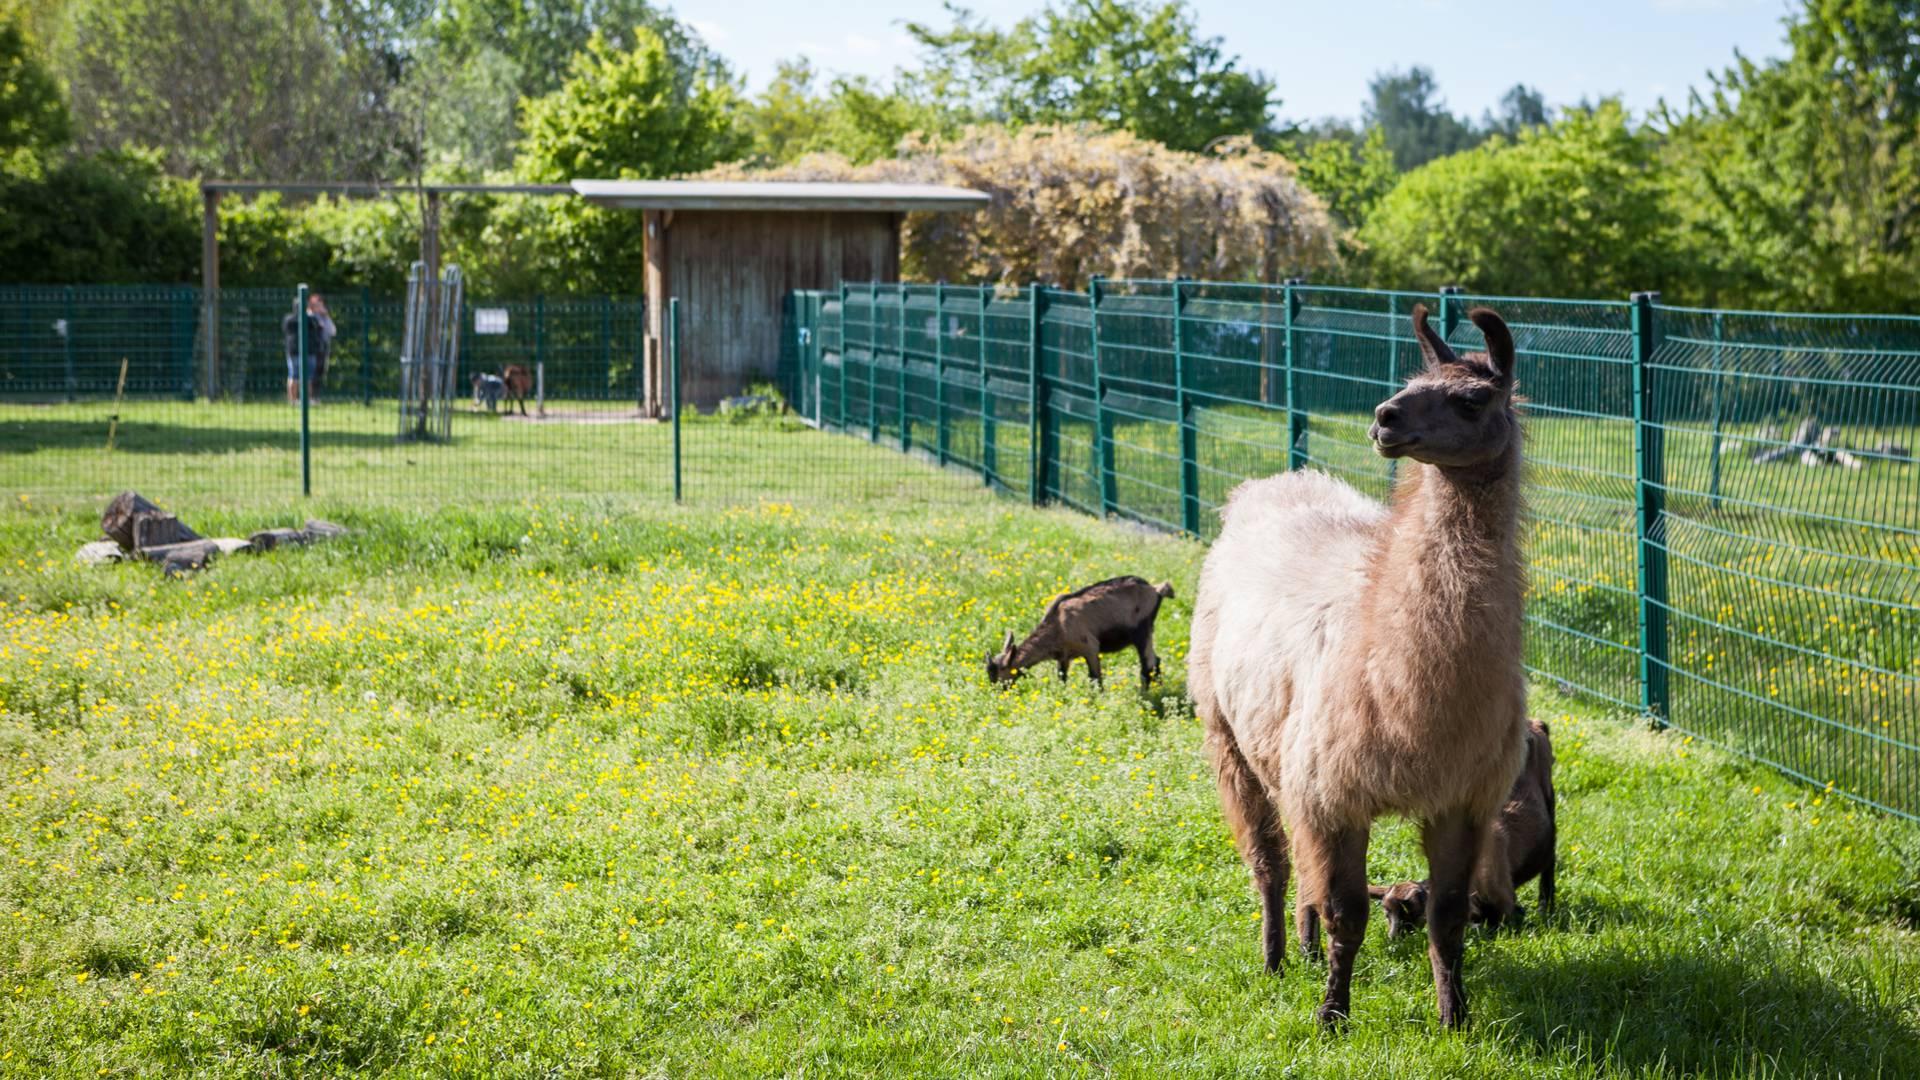 Les animaux de la ferme du parc Maugrand, Montceau-les-Mines. © Xavier Spertini.